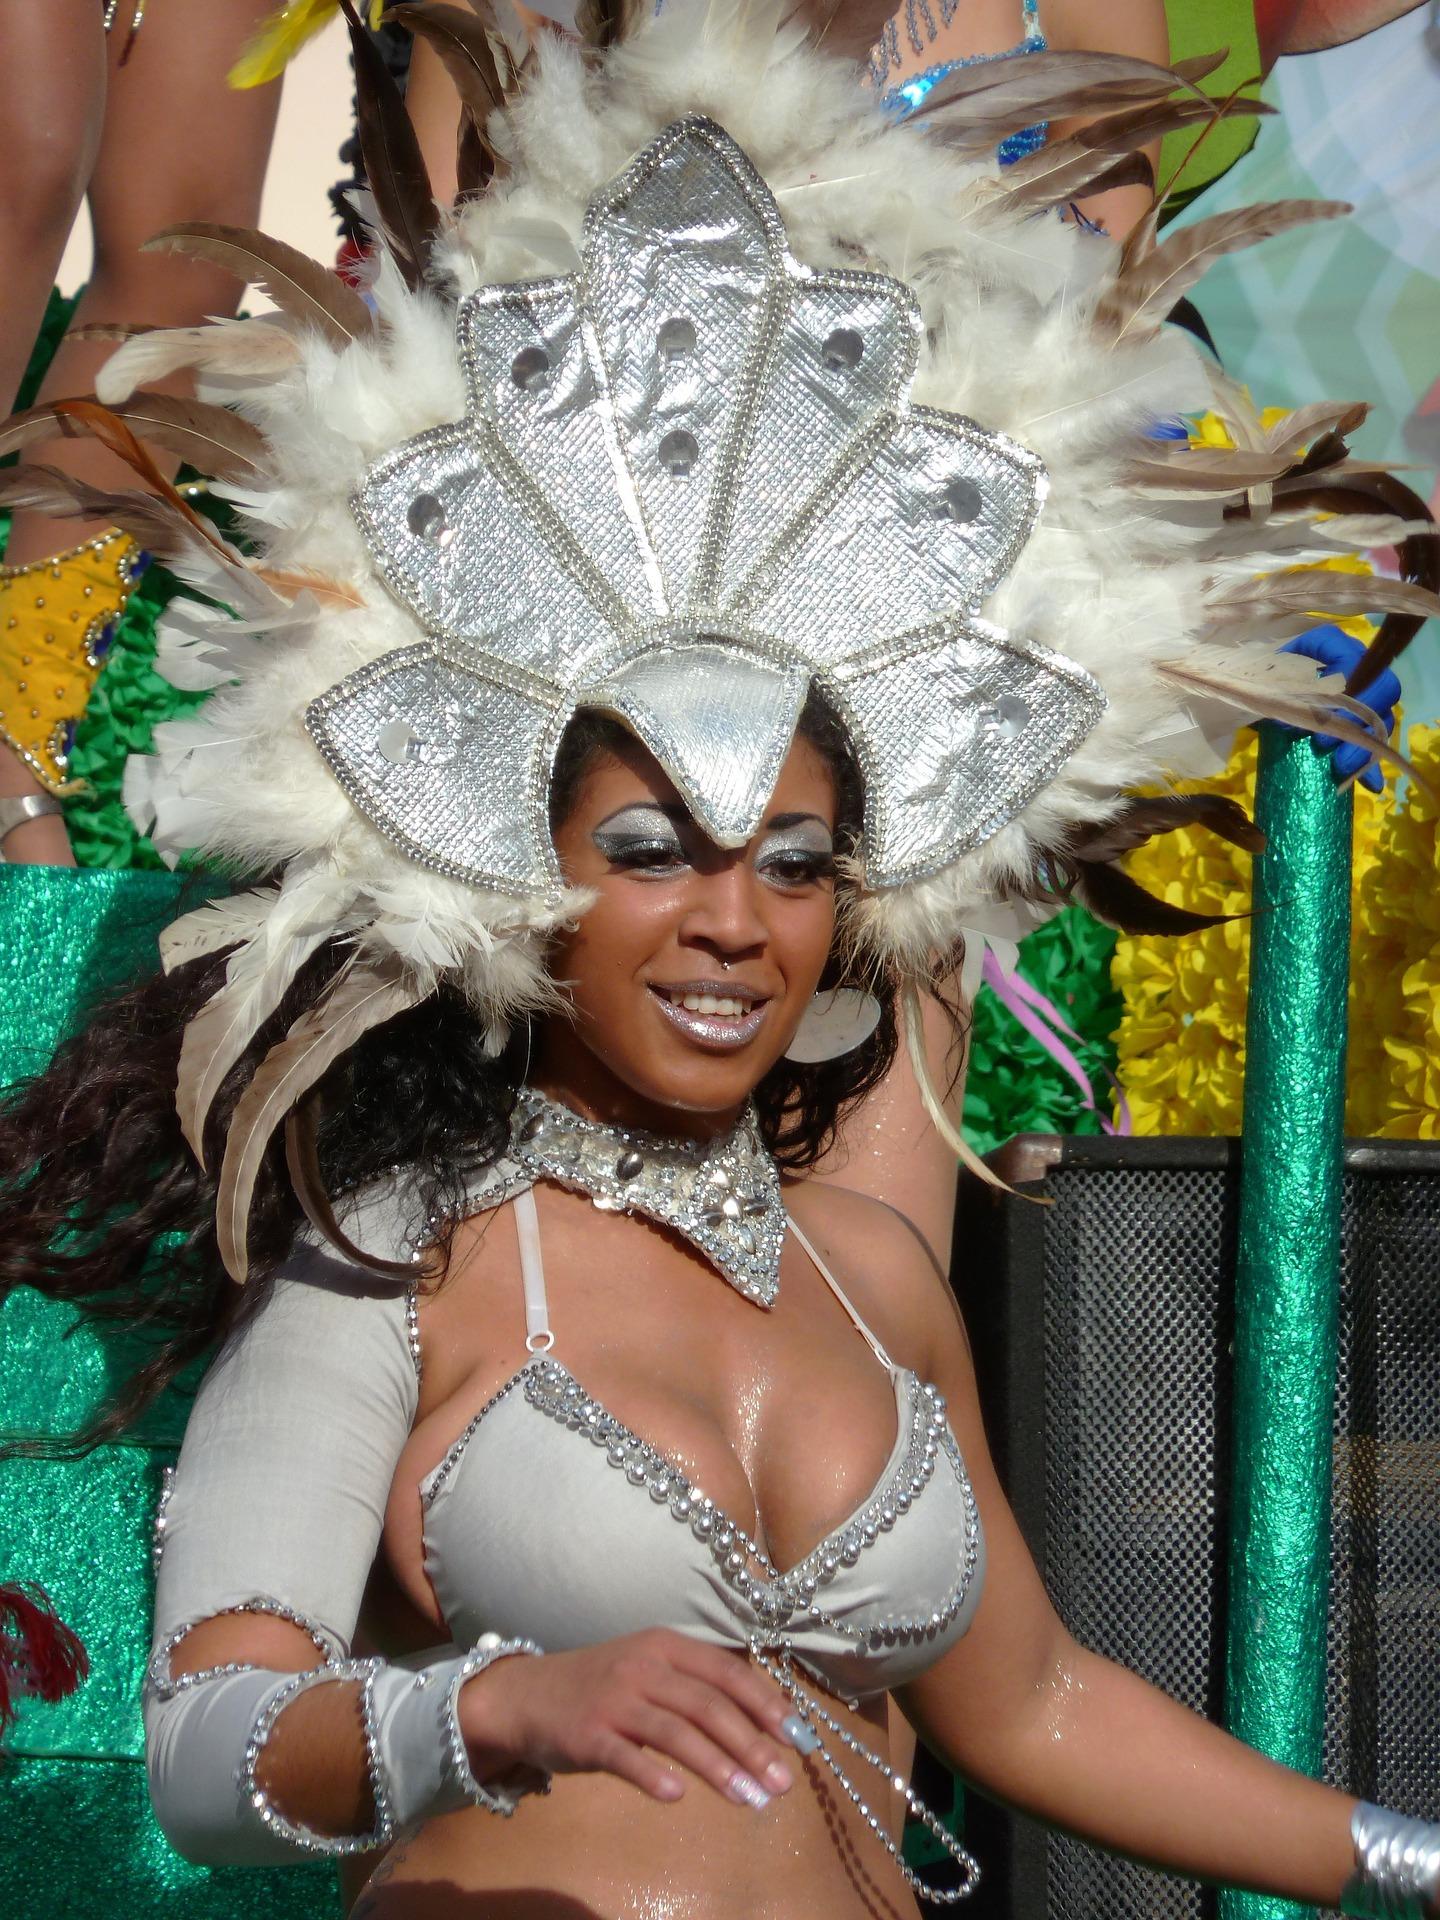 Participação feminina explica explosão do Carnaval de rua em SP